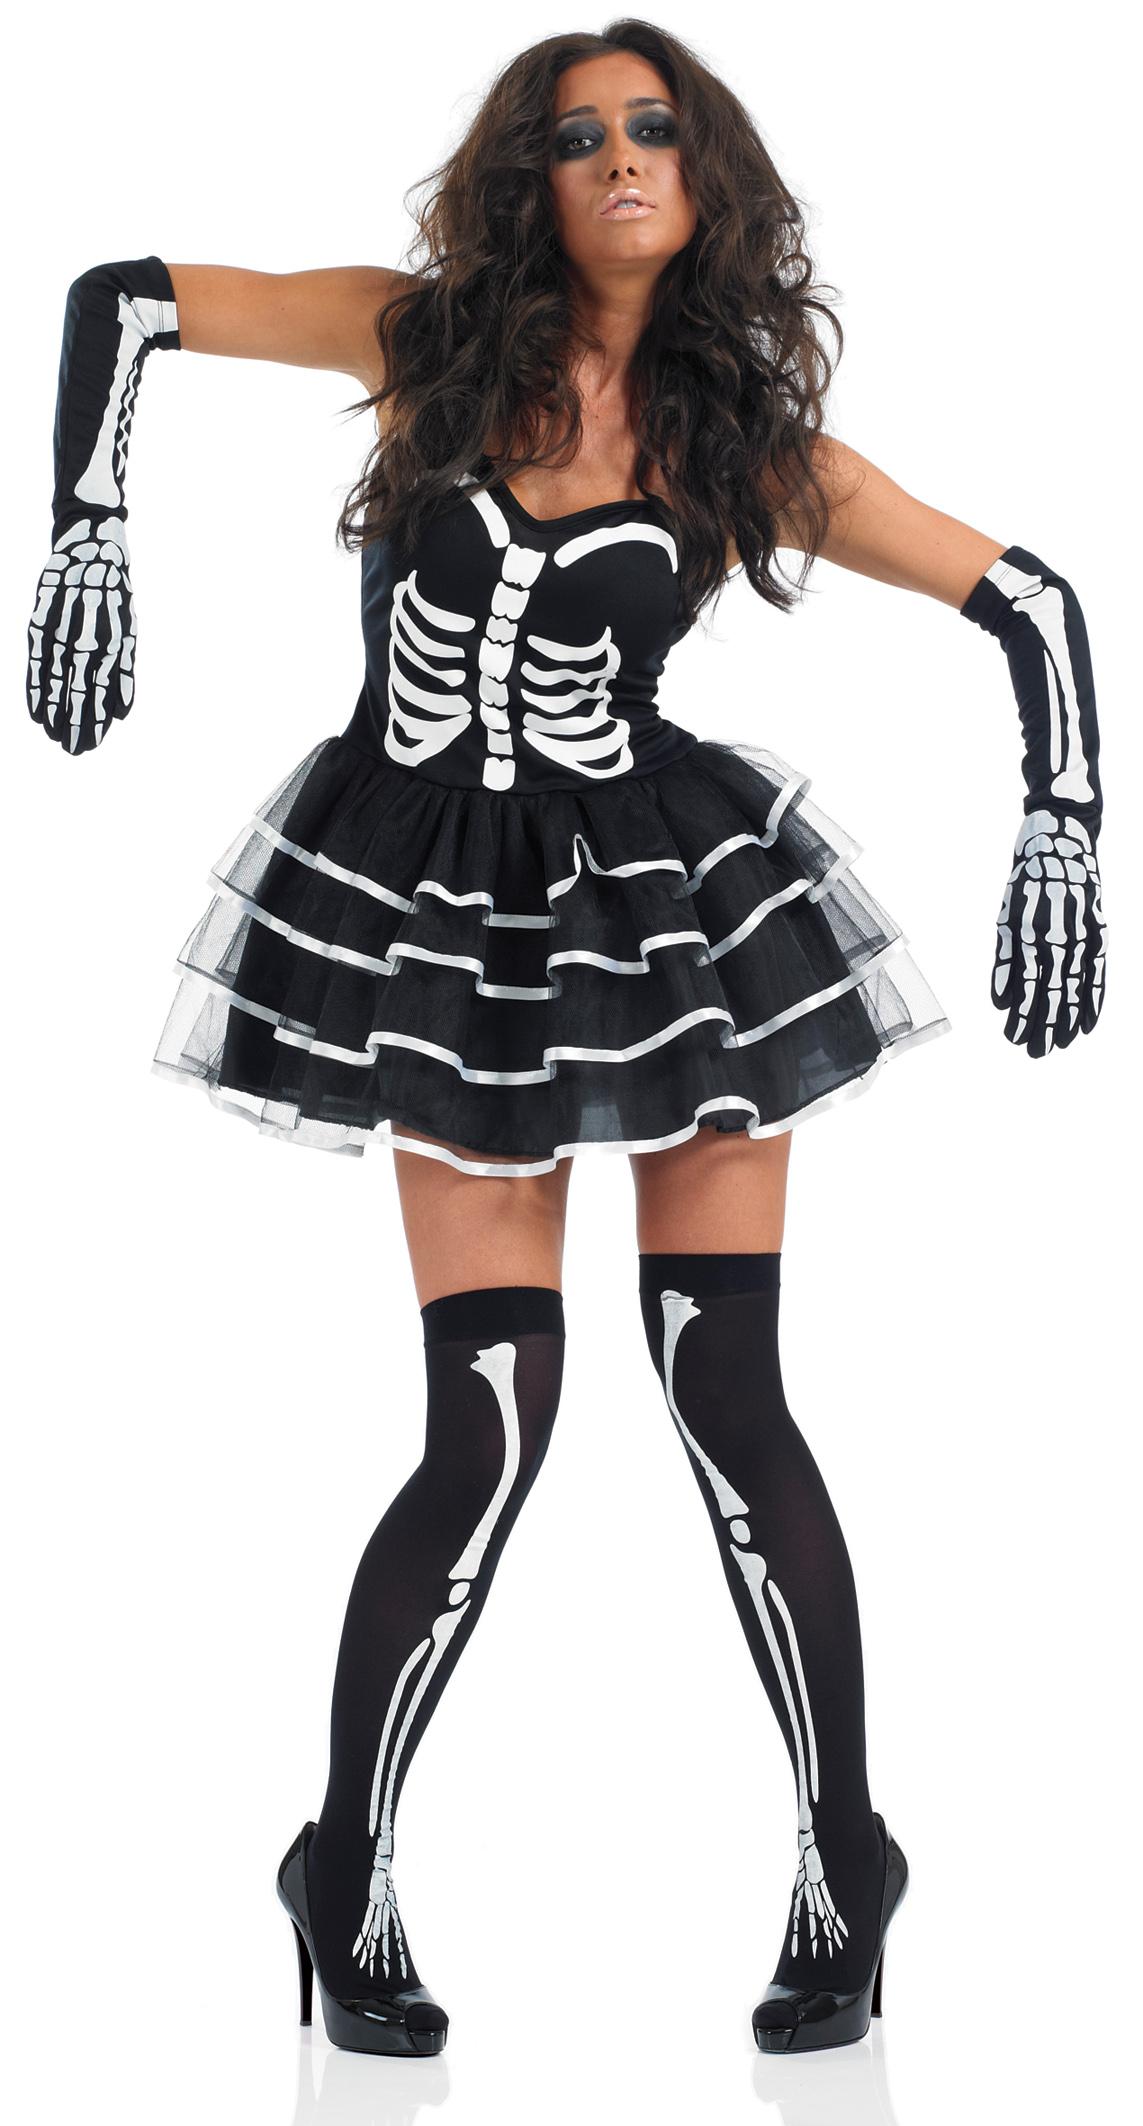 Костюм скелета на хэллоуин своими руками фото